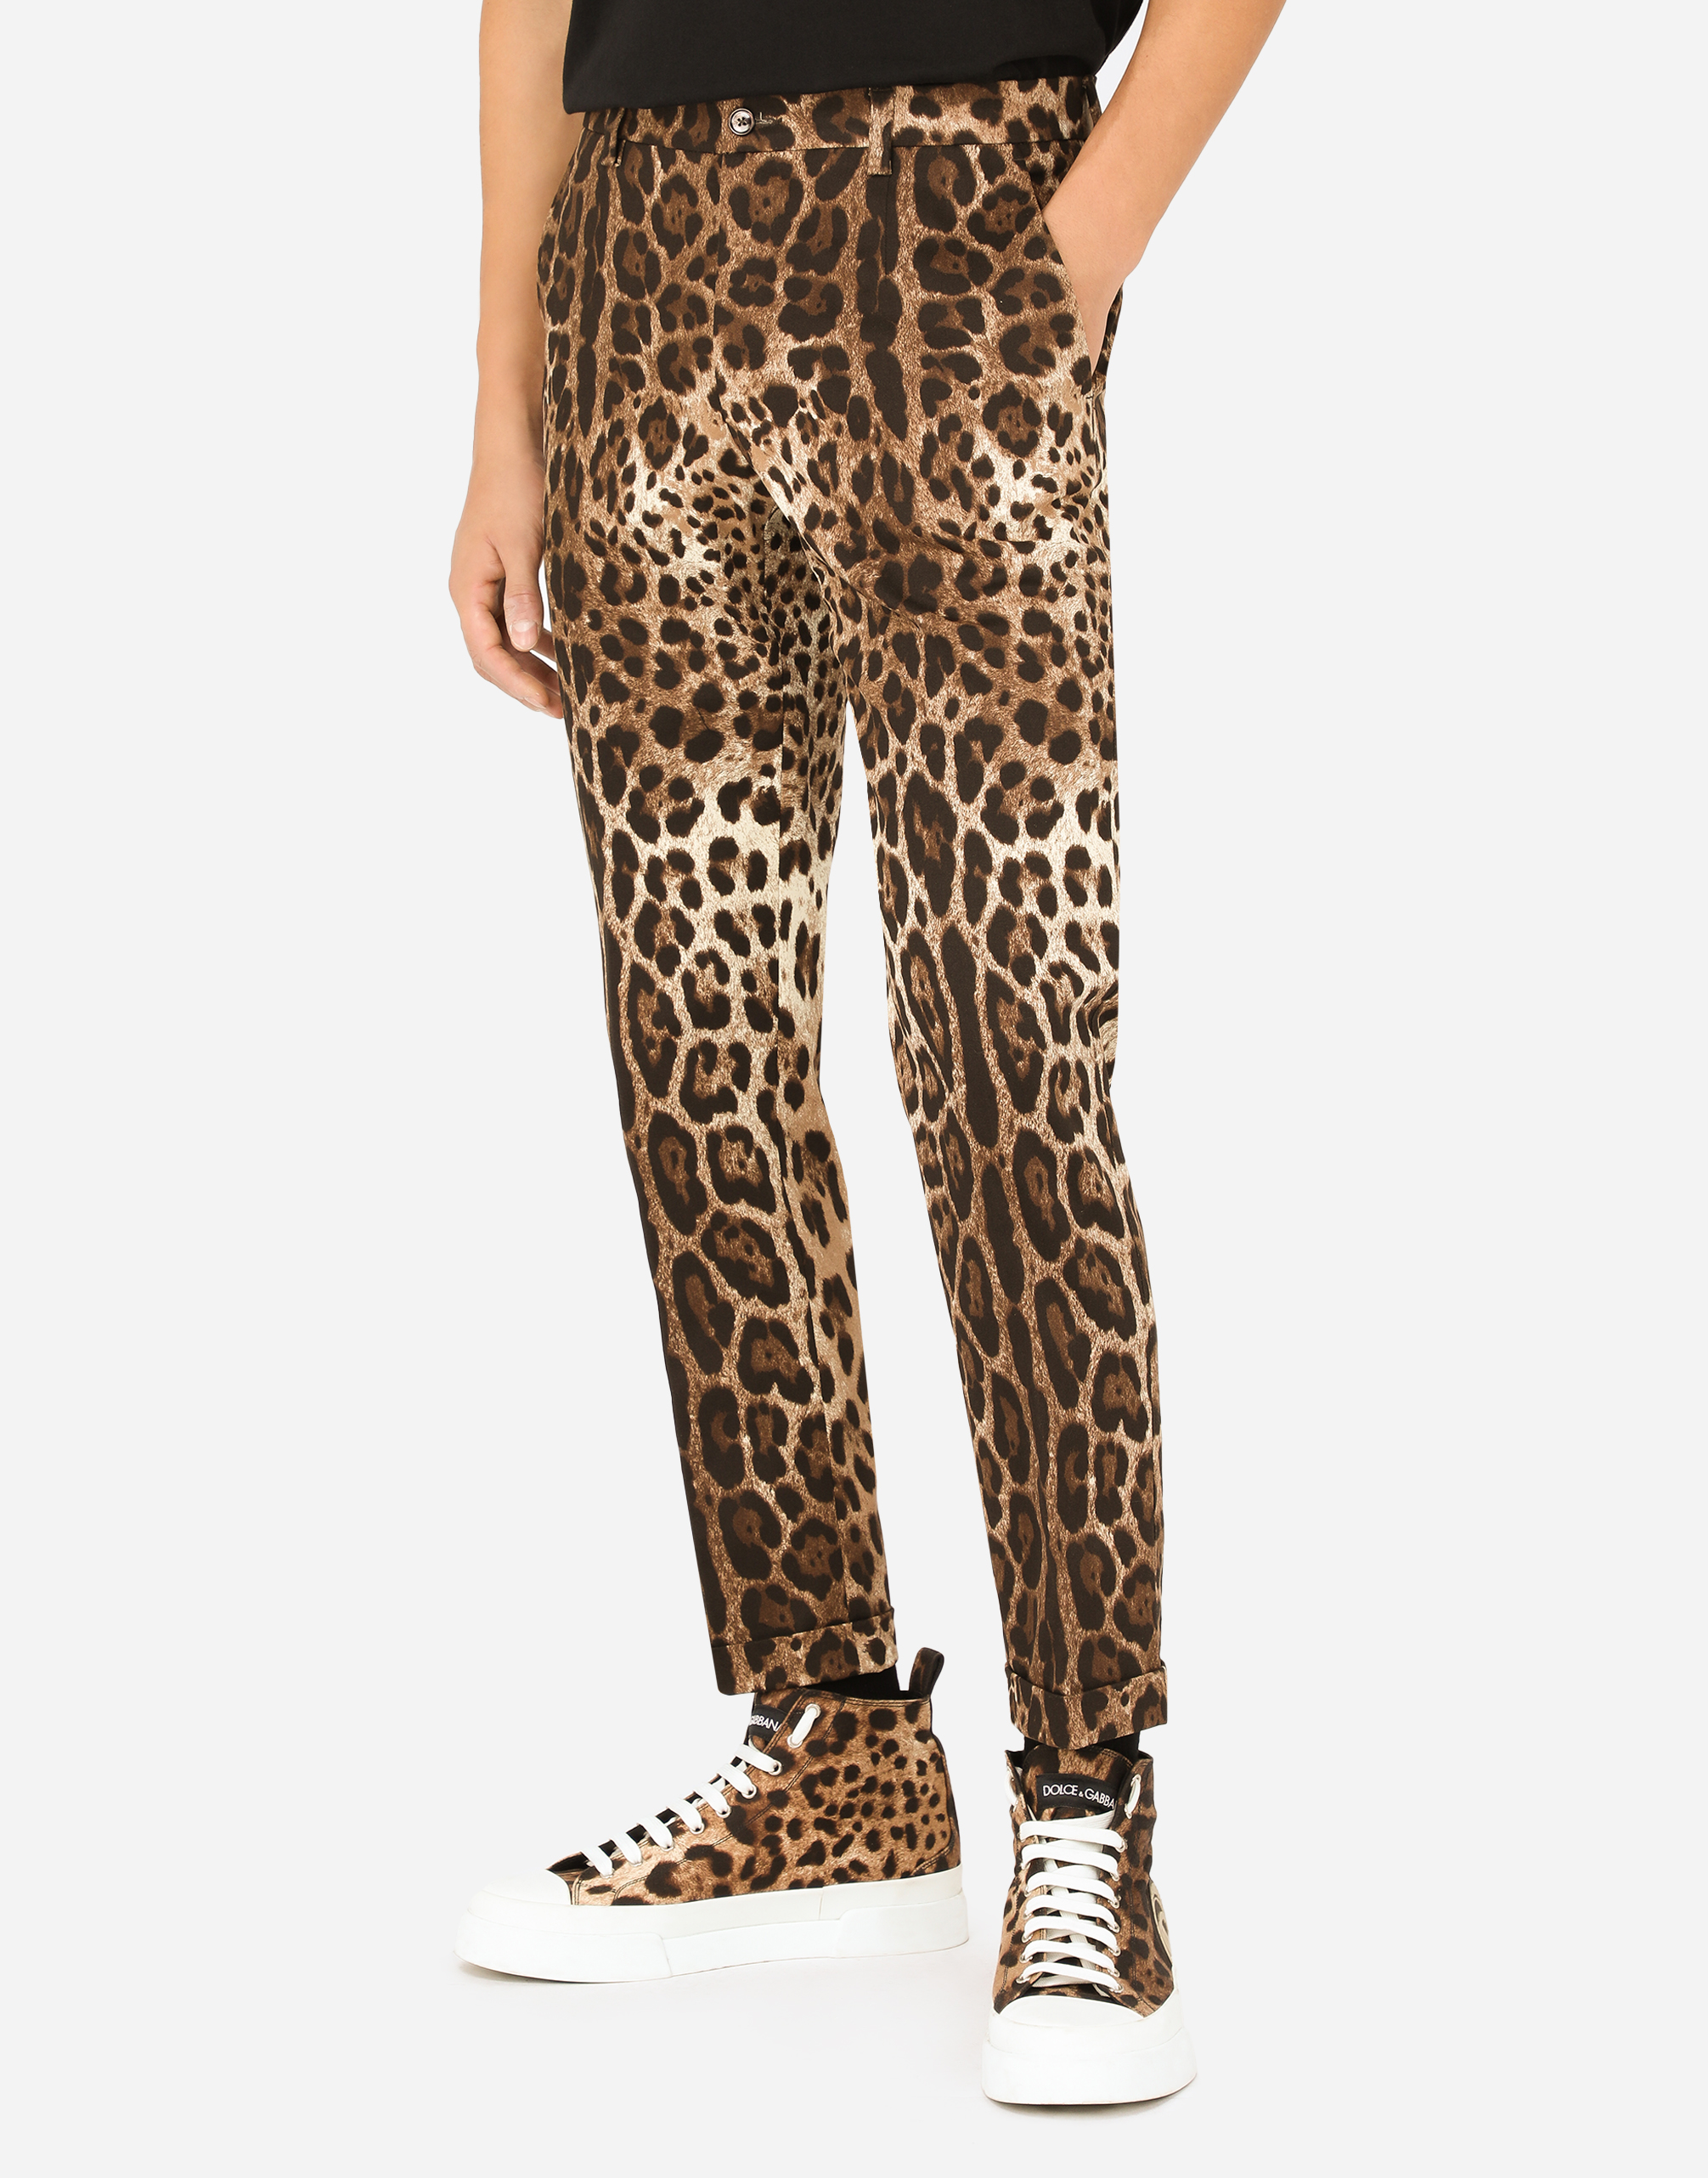 Dolce&Gabbana PRINTED COTTON PANTS